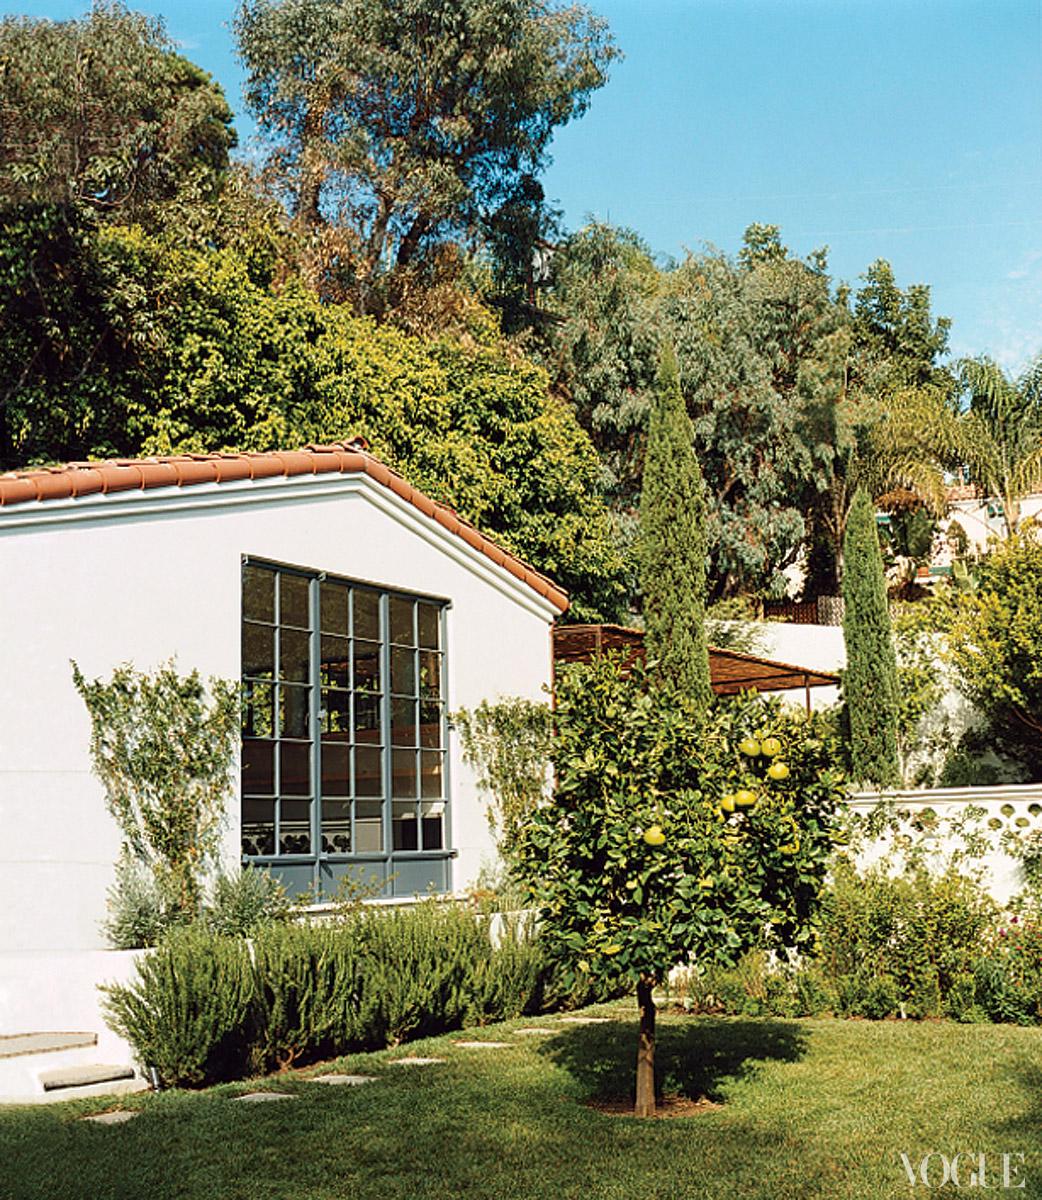 http://4.bp.blogspot.com/-MDbuTQwDCYA/UB_ybj-UsfI/AAAAAAAAC-E/SeRpAbzOx_Q/s1600/amanda-peet-house-04_122219455437.jpg